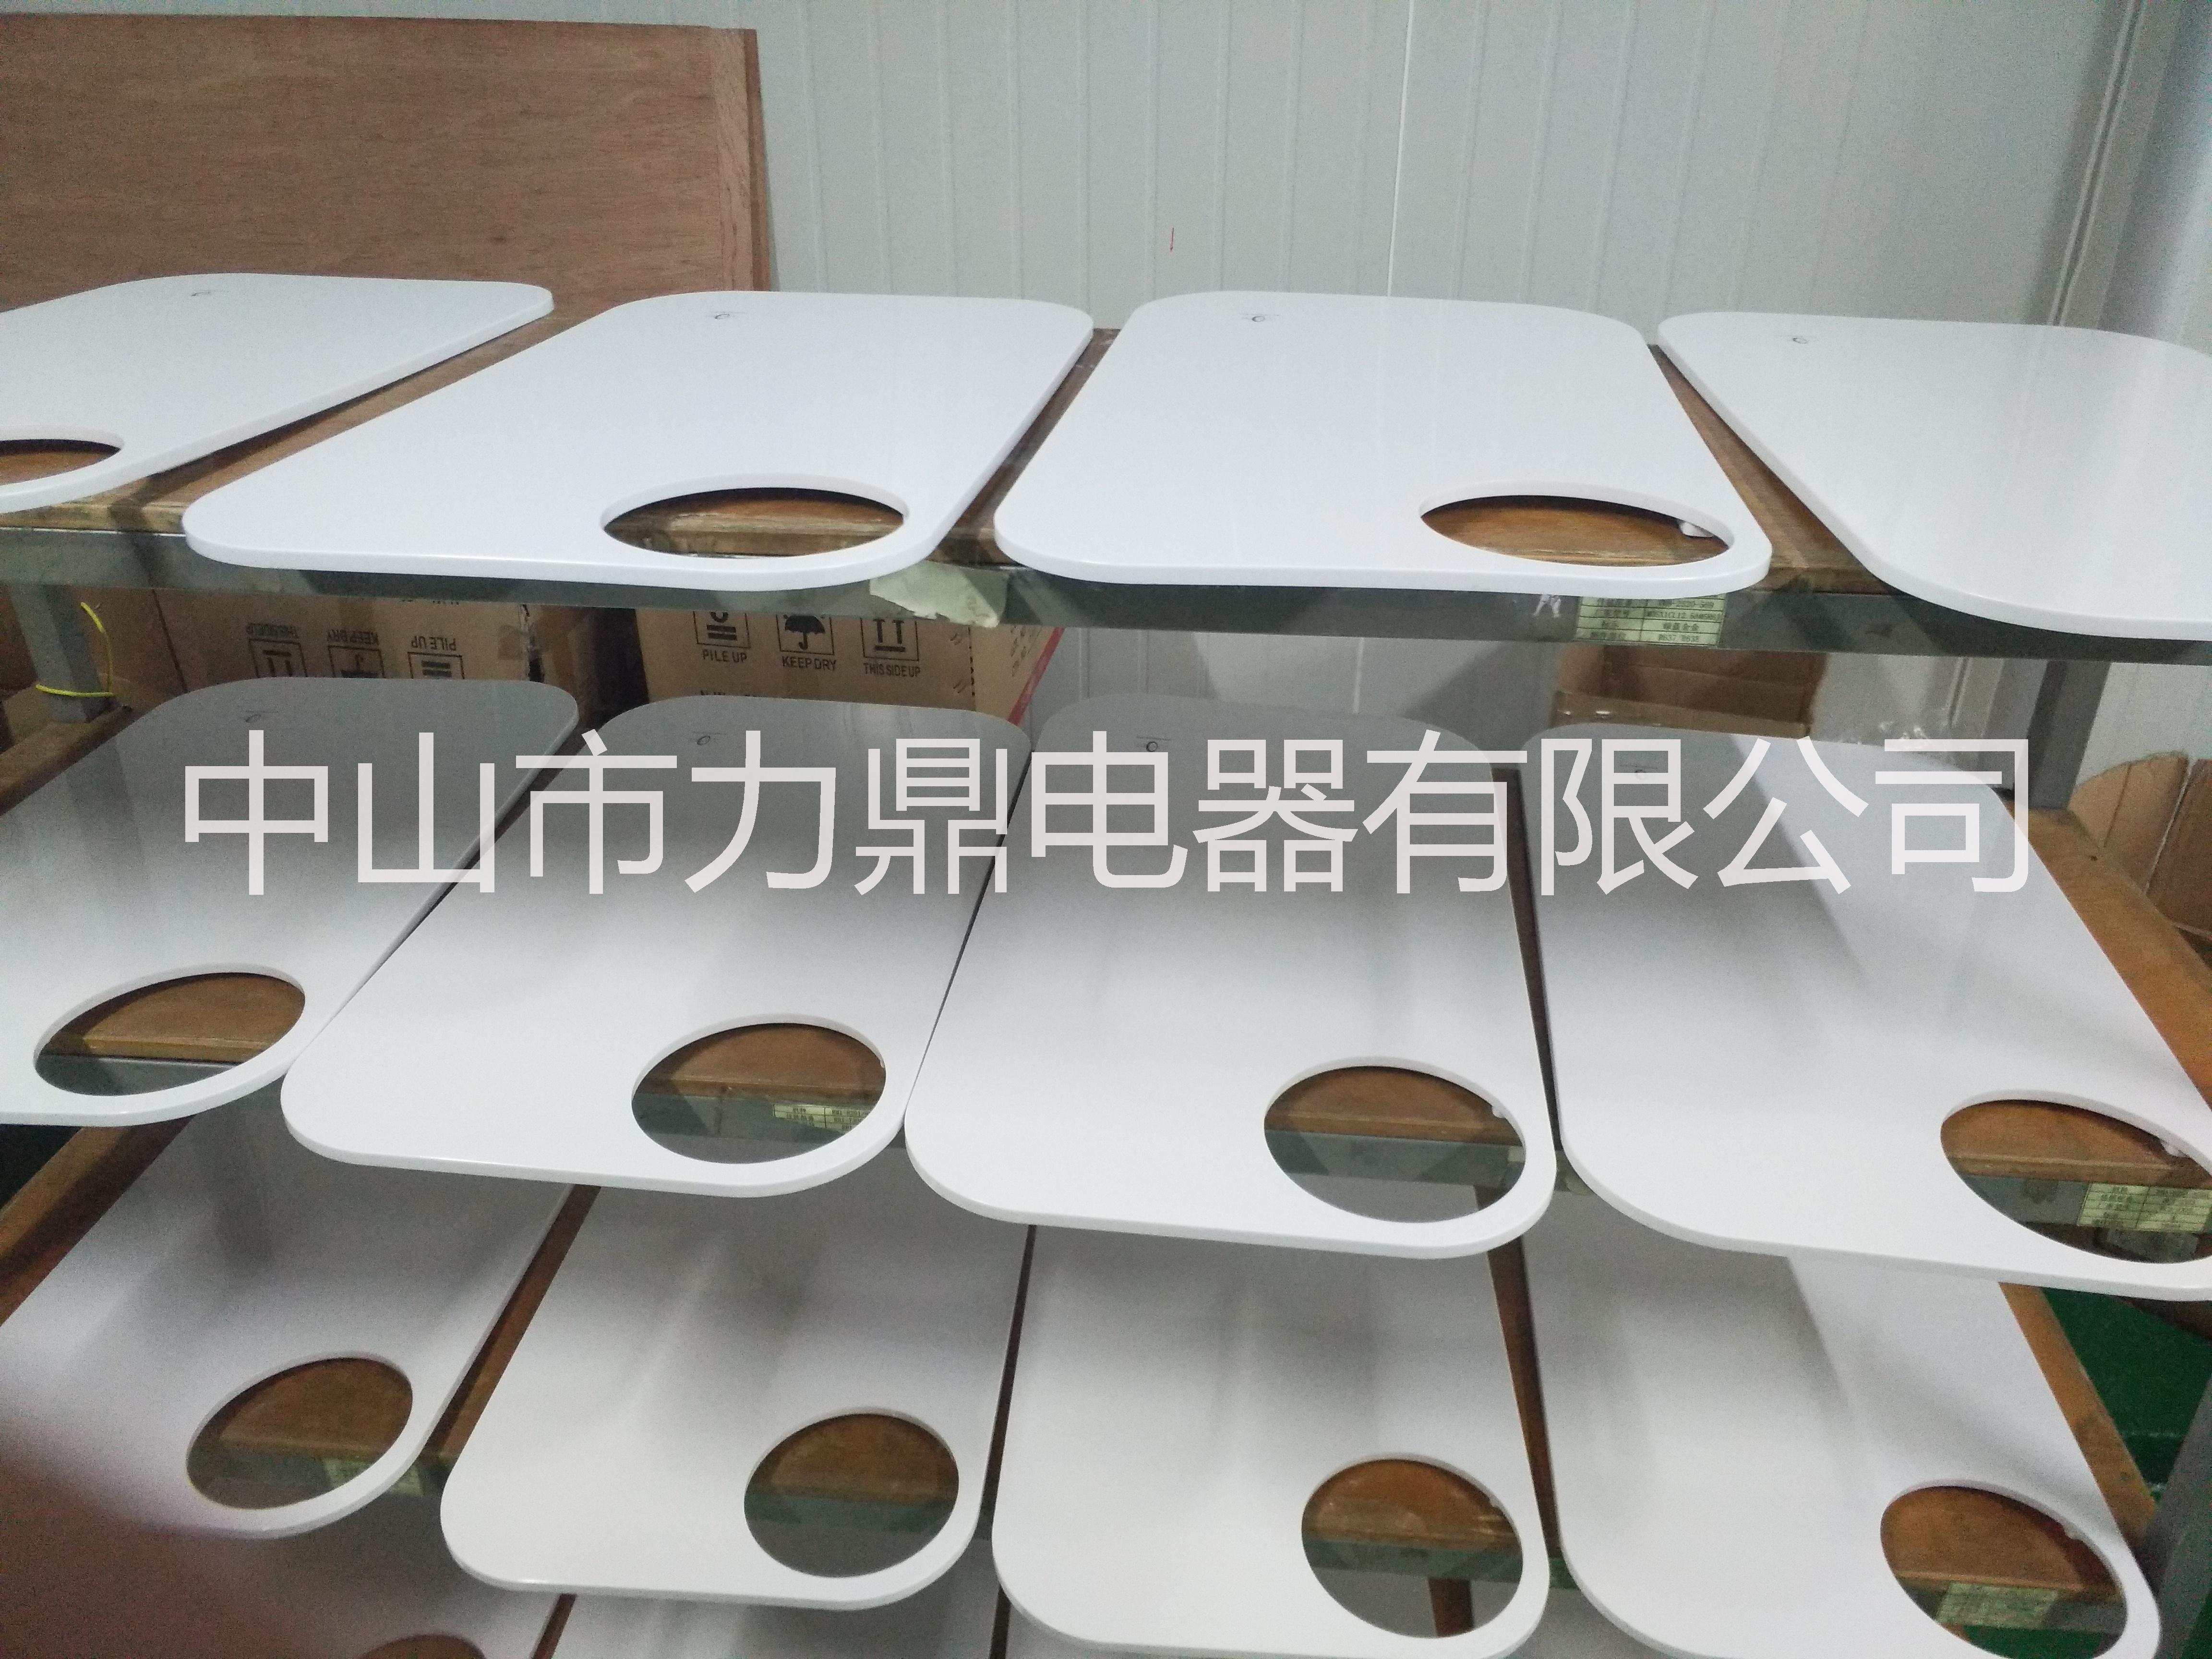 广东无尘车间水转印专业技术厂家加工五金塑料件外壳电器灯饰加湿器外壳表面处理